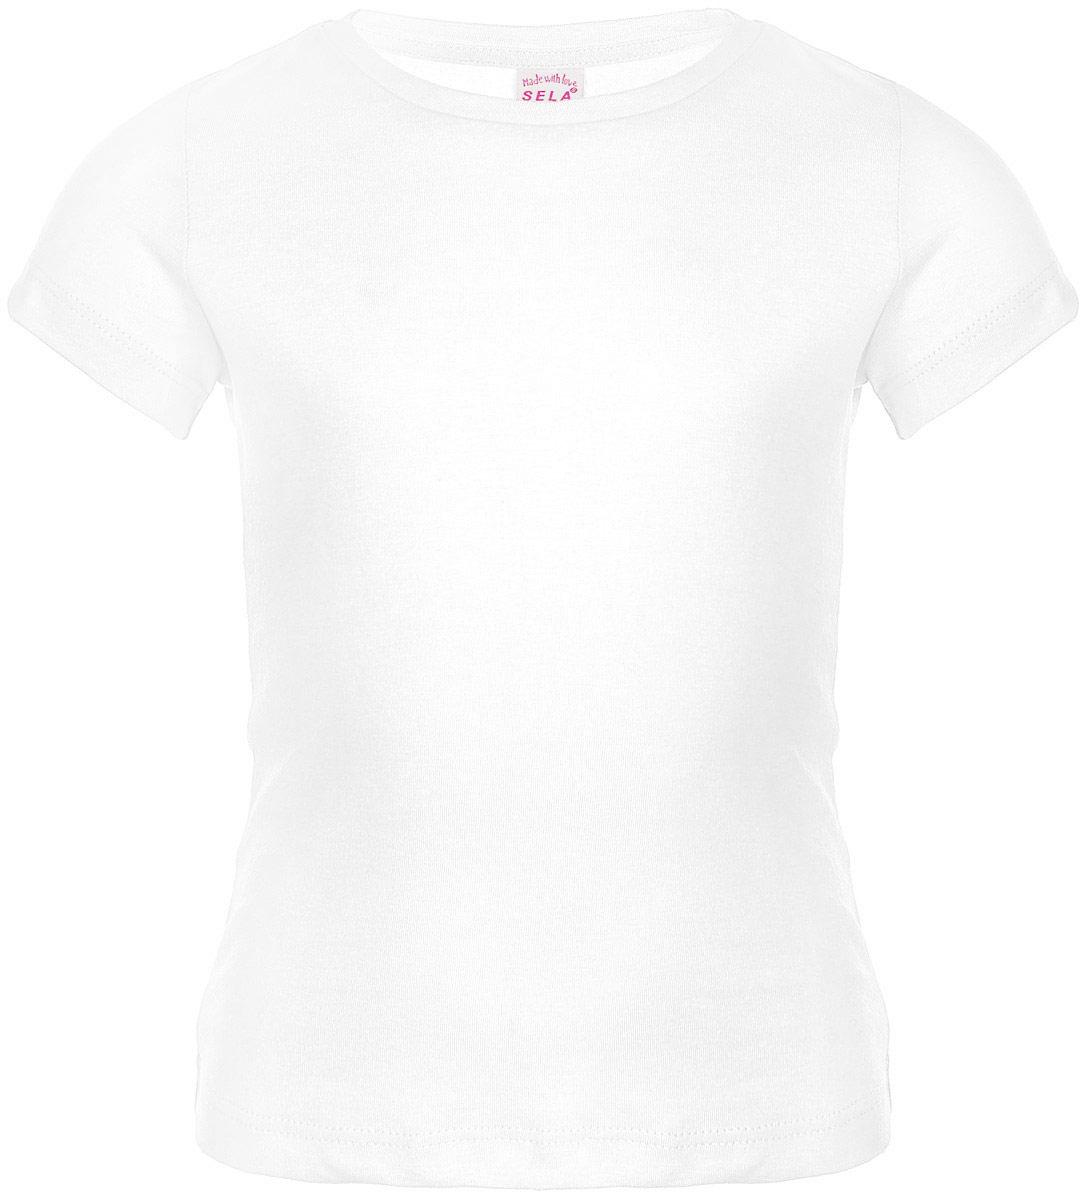 Футболка для девочки. Ts-511/236-6352Ts-511/236-6352Удобная и стильная футболка Sela идеально подойдет вашей дочурке. Изготовленная из натурального хлопка, она невероятно мягкая и приятная на ощупь, не раздражает даже самую нежную и чувствительную кожу ребенка, обеспечивая наибольший комфорт, великолепно тянется и превосходно пропускает воздух. Футболка с короткими рукавами и круглым вырезом горловины выполнена в лаконичном стиле. В такой футболке ваша маленькая модница будет чувствовать себя уютно и комфортно.